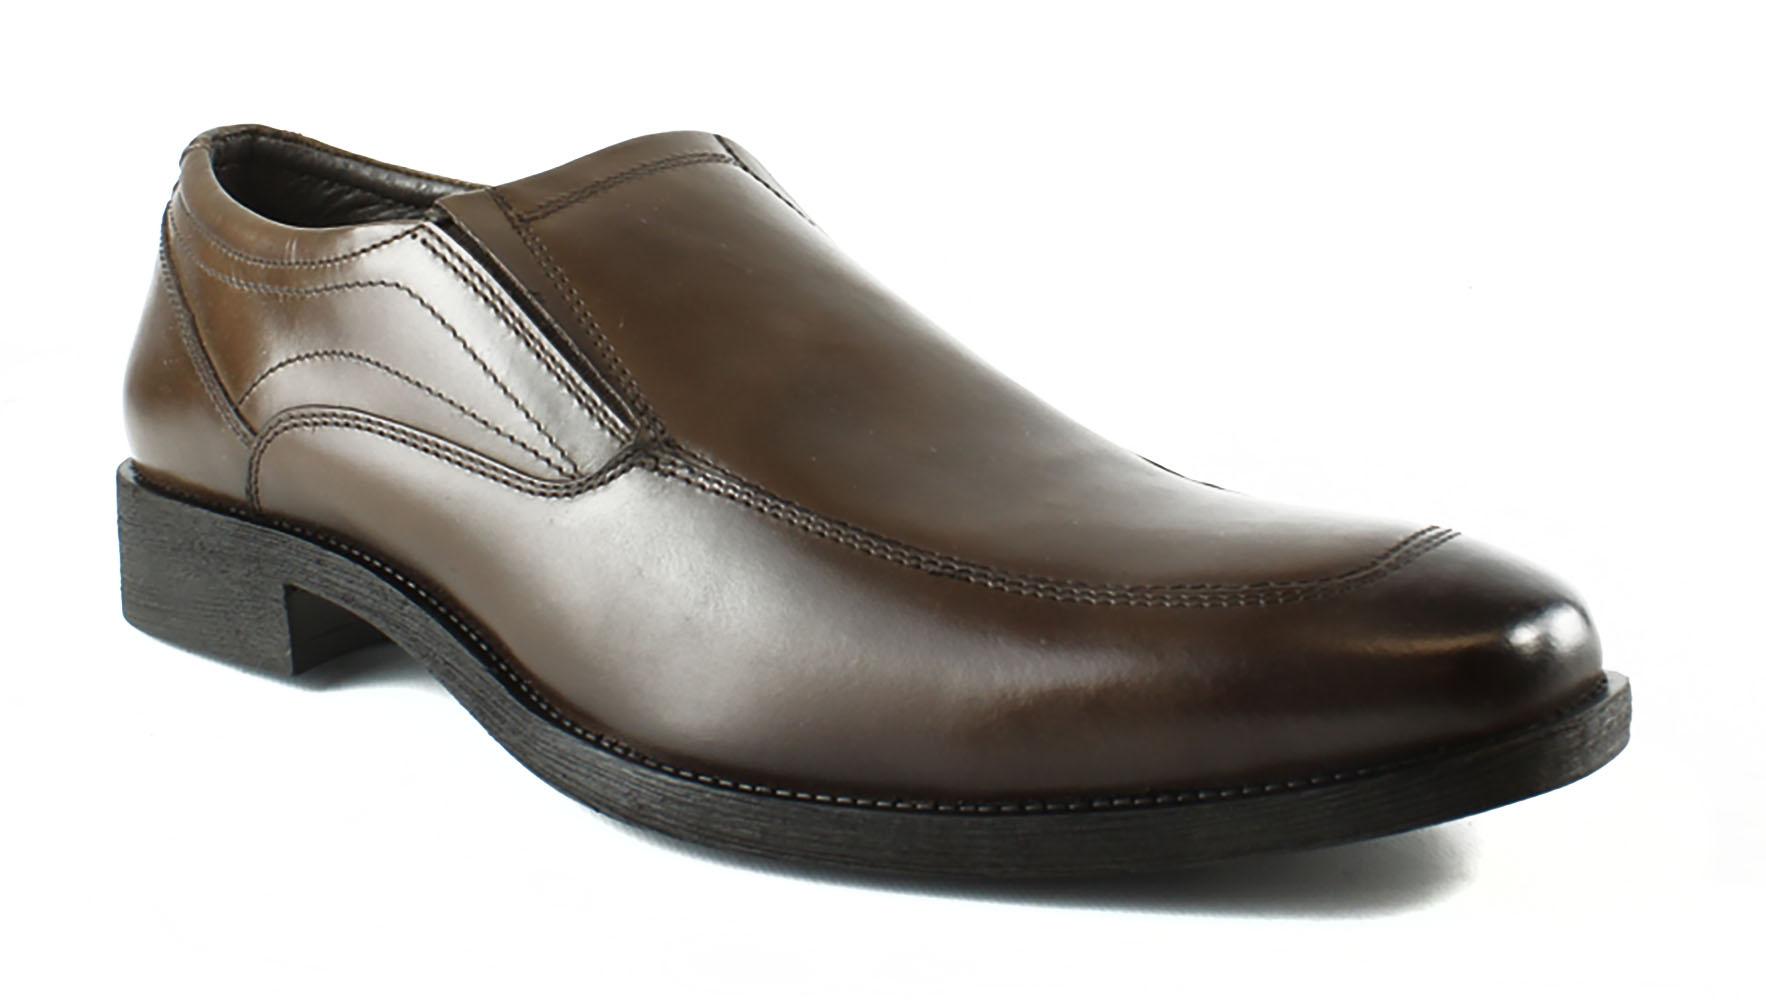 Giorgio Brutini Mens Brown Loafer Casual   Dress Size 11 New by Giorgio Brutini